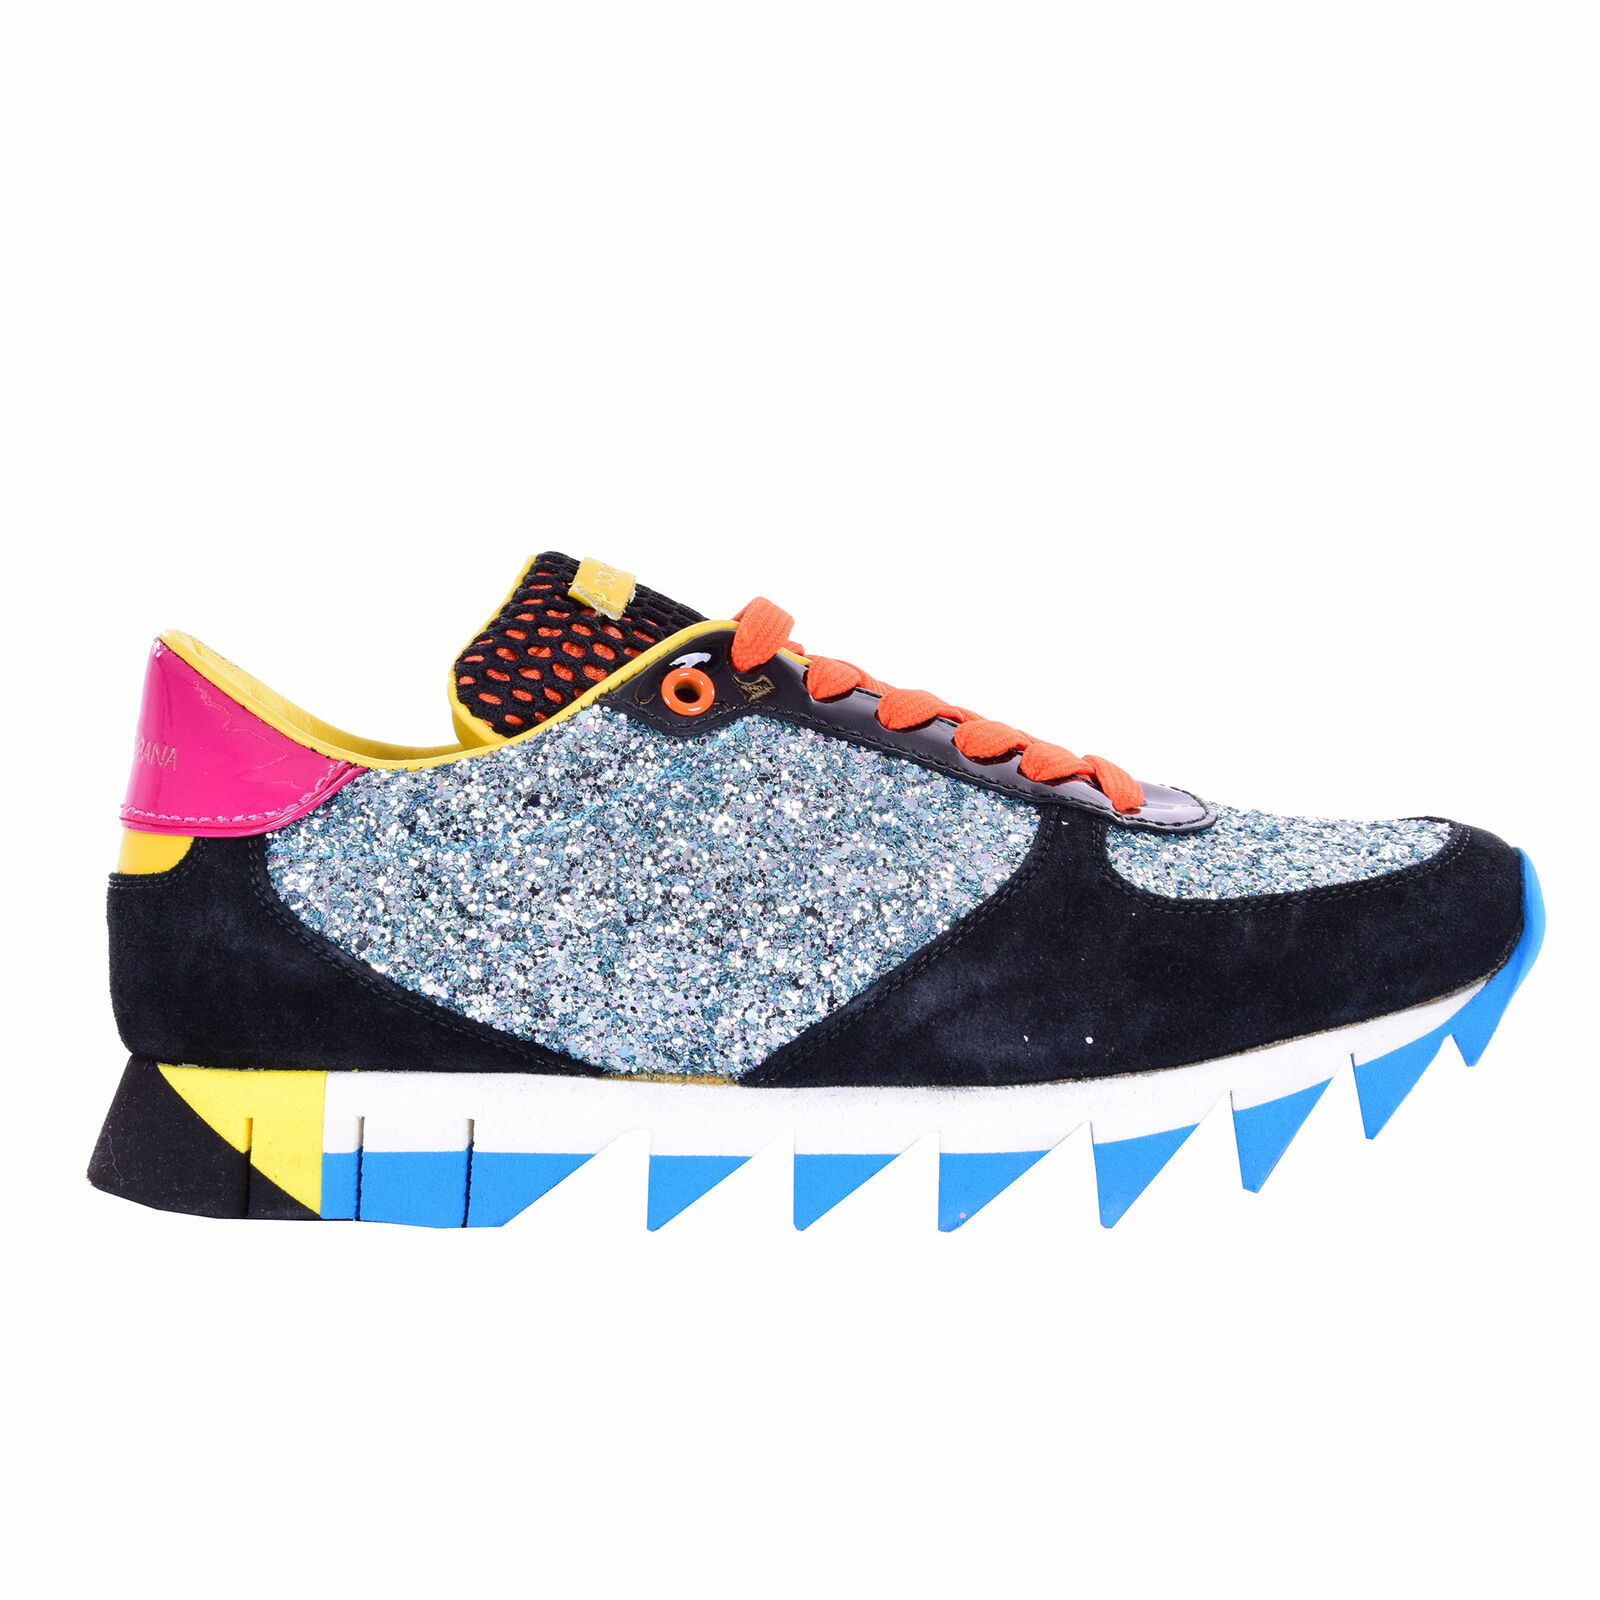 DOLCE \u0026 GABBANA Glitter Sneaker